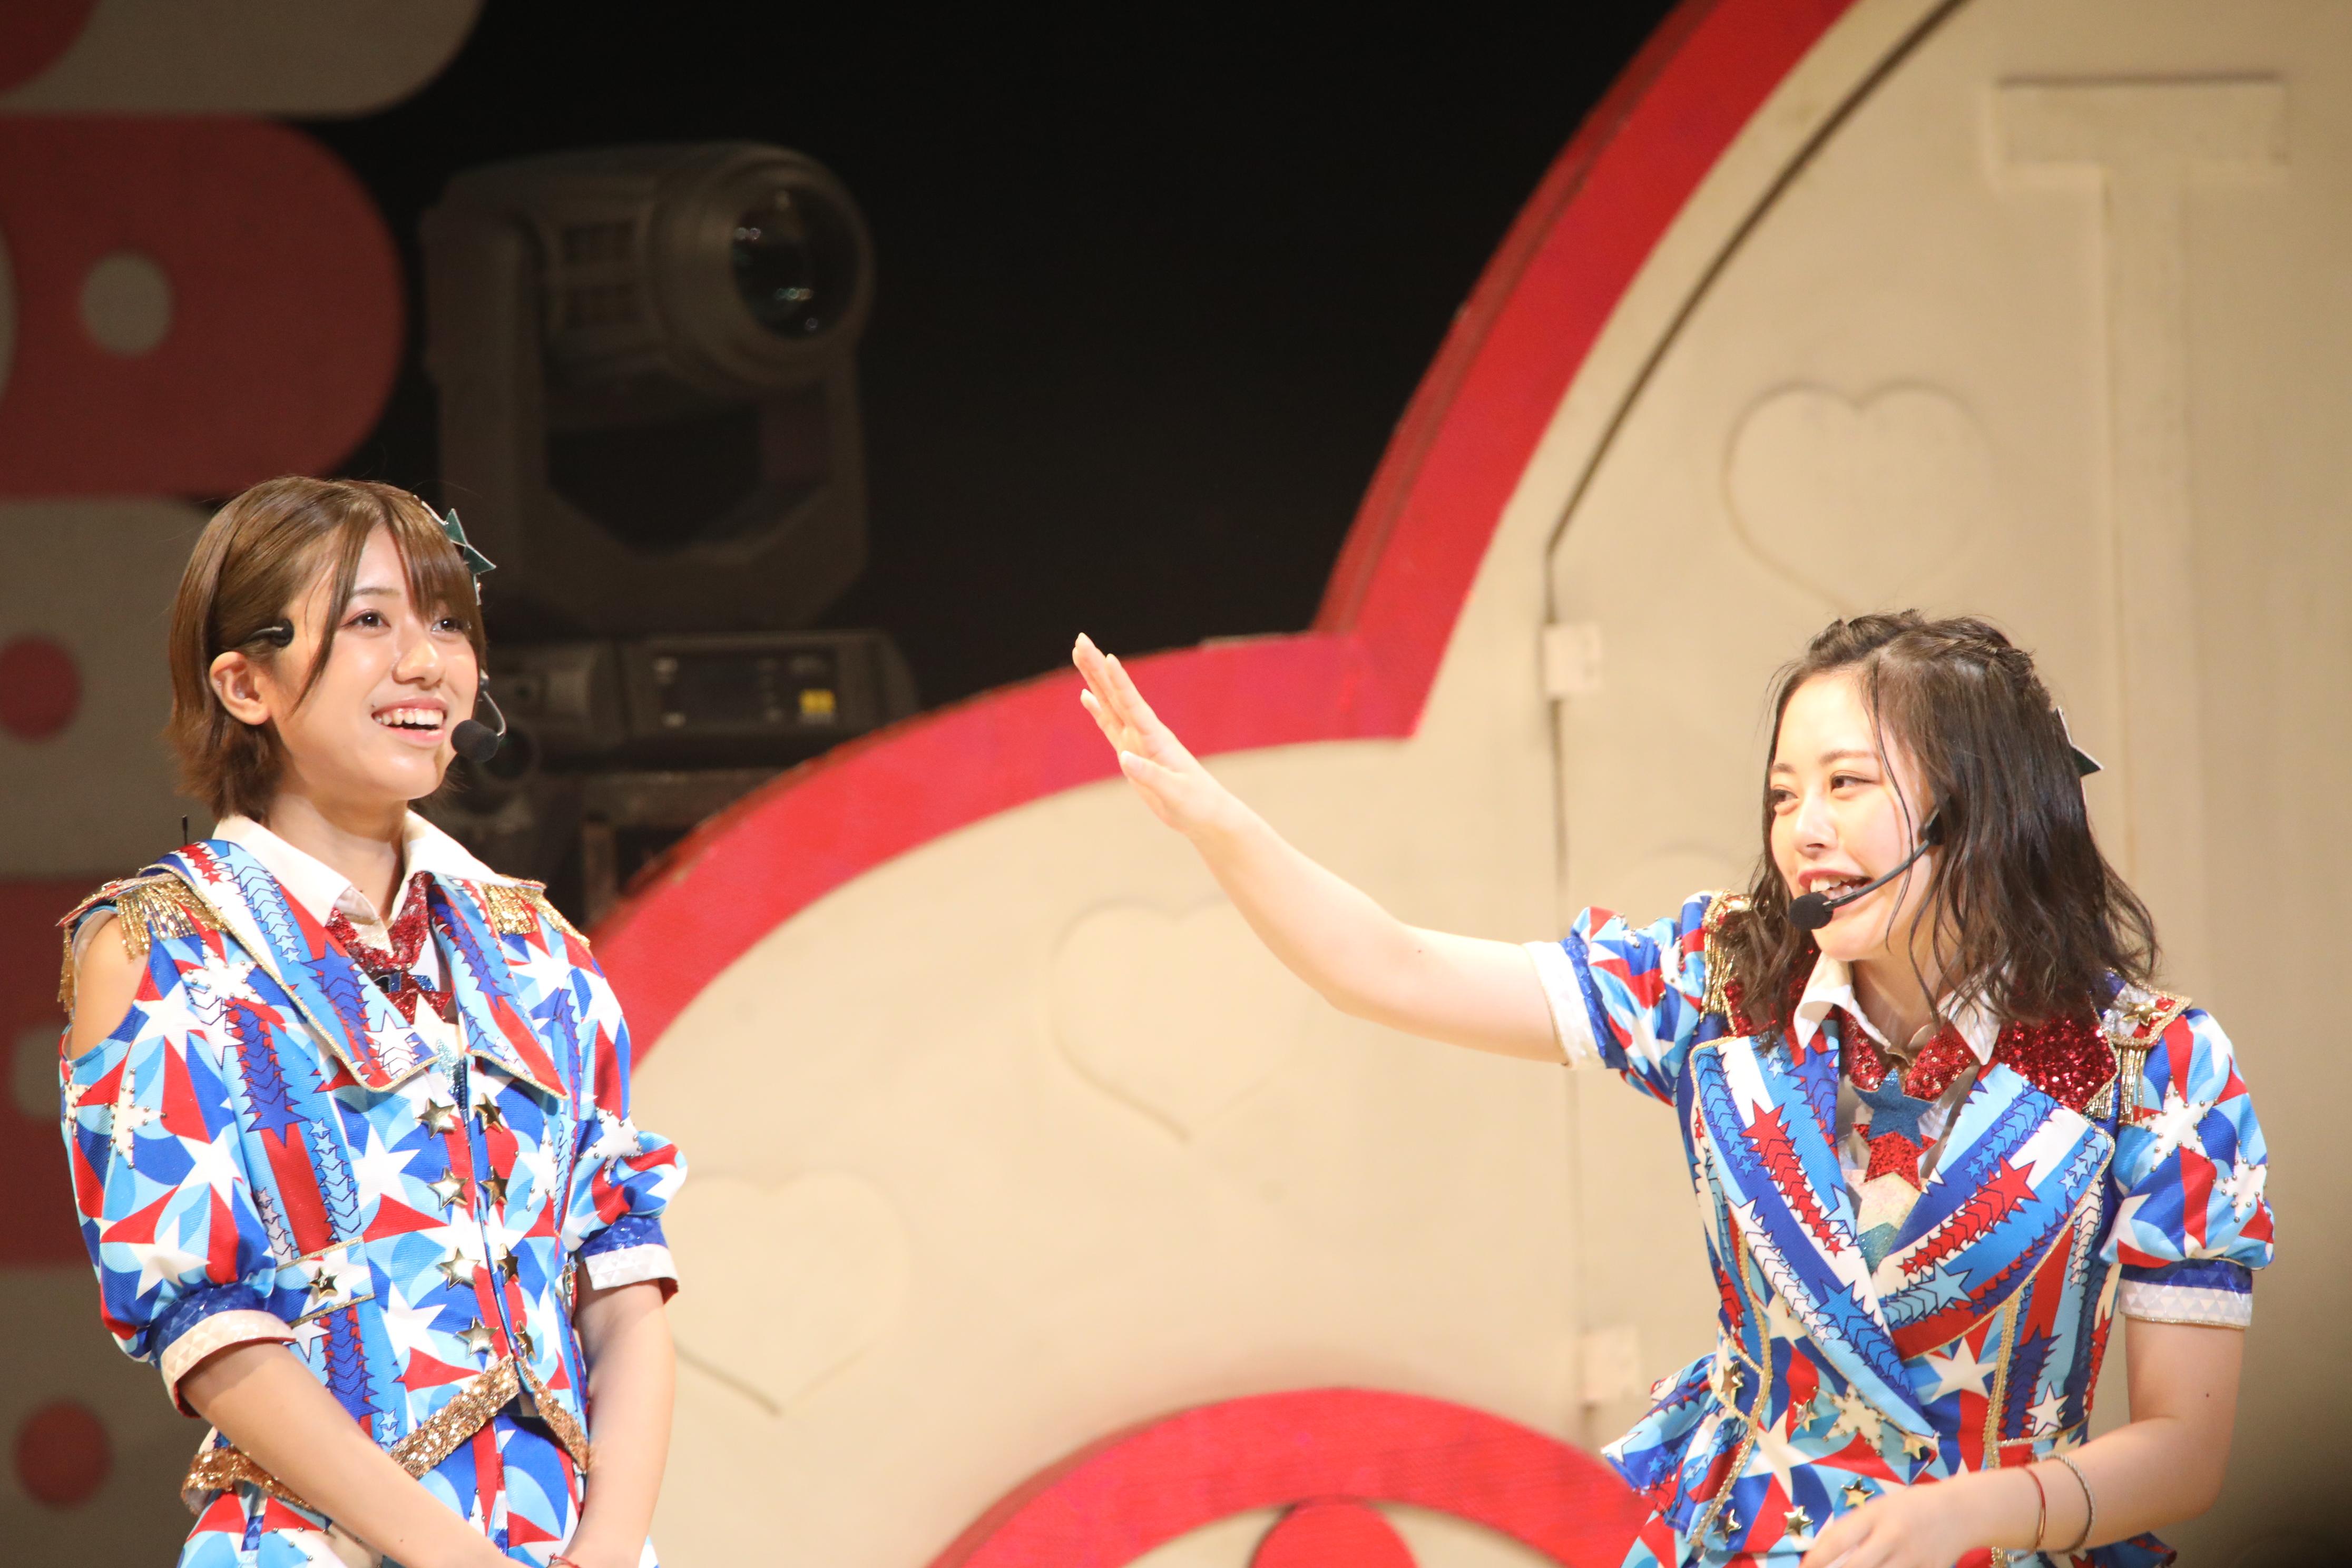 大西桃香と濵咲友菜「おいおい!私のこと忘れてませんか??」